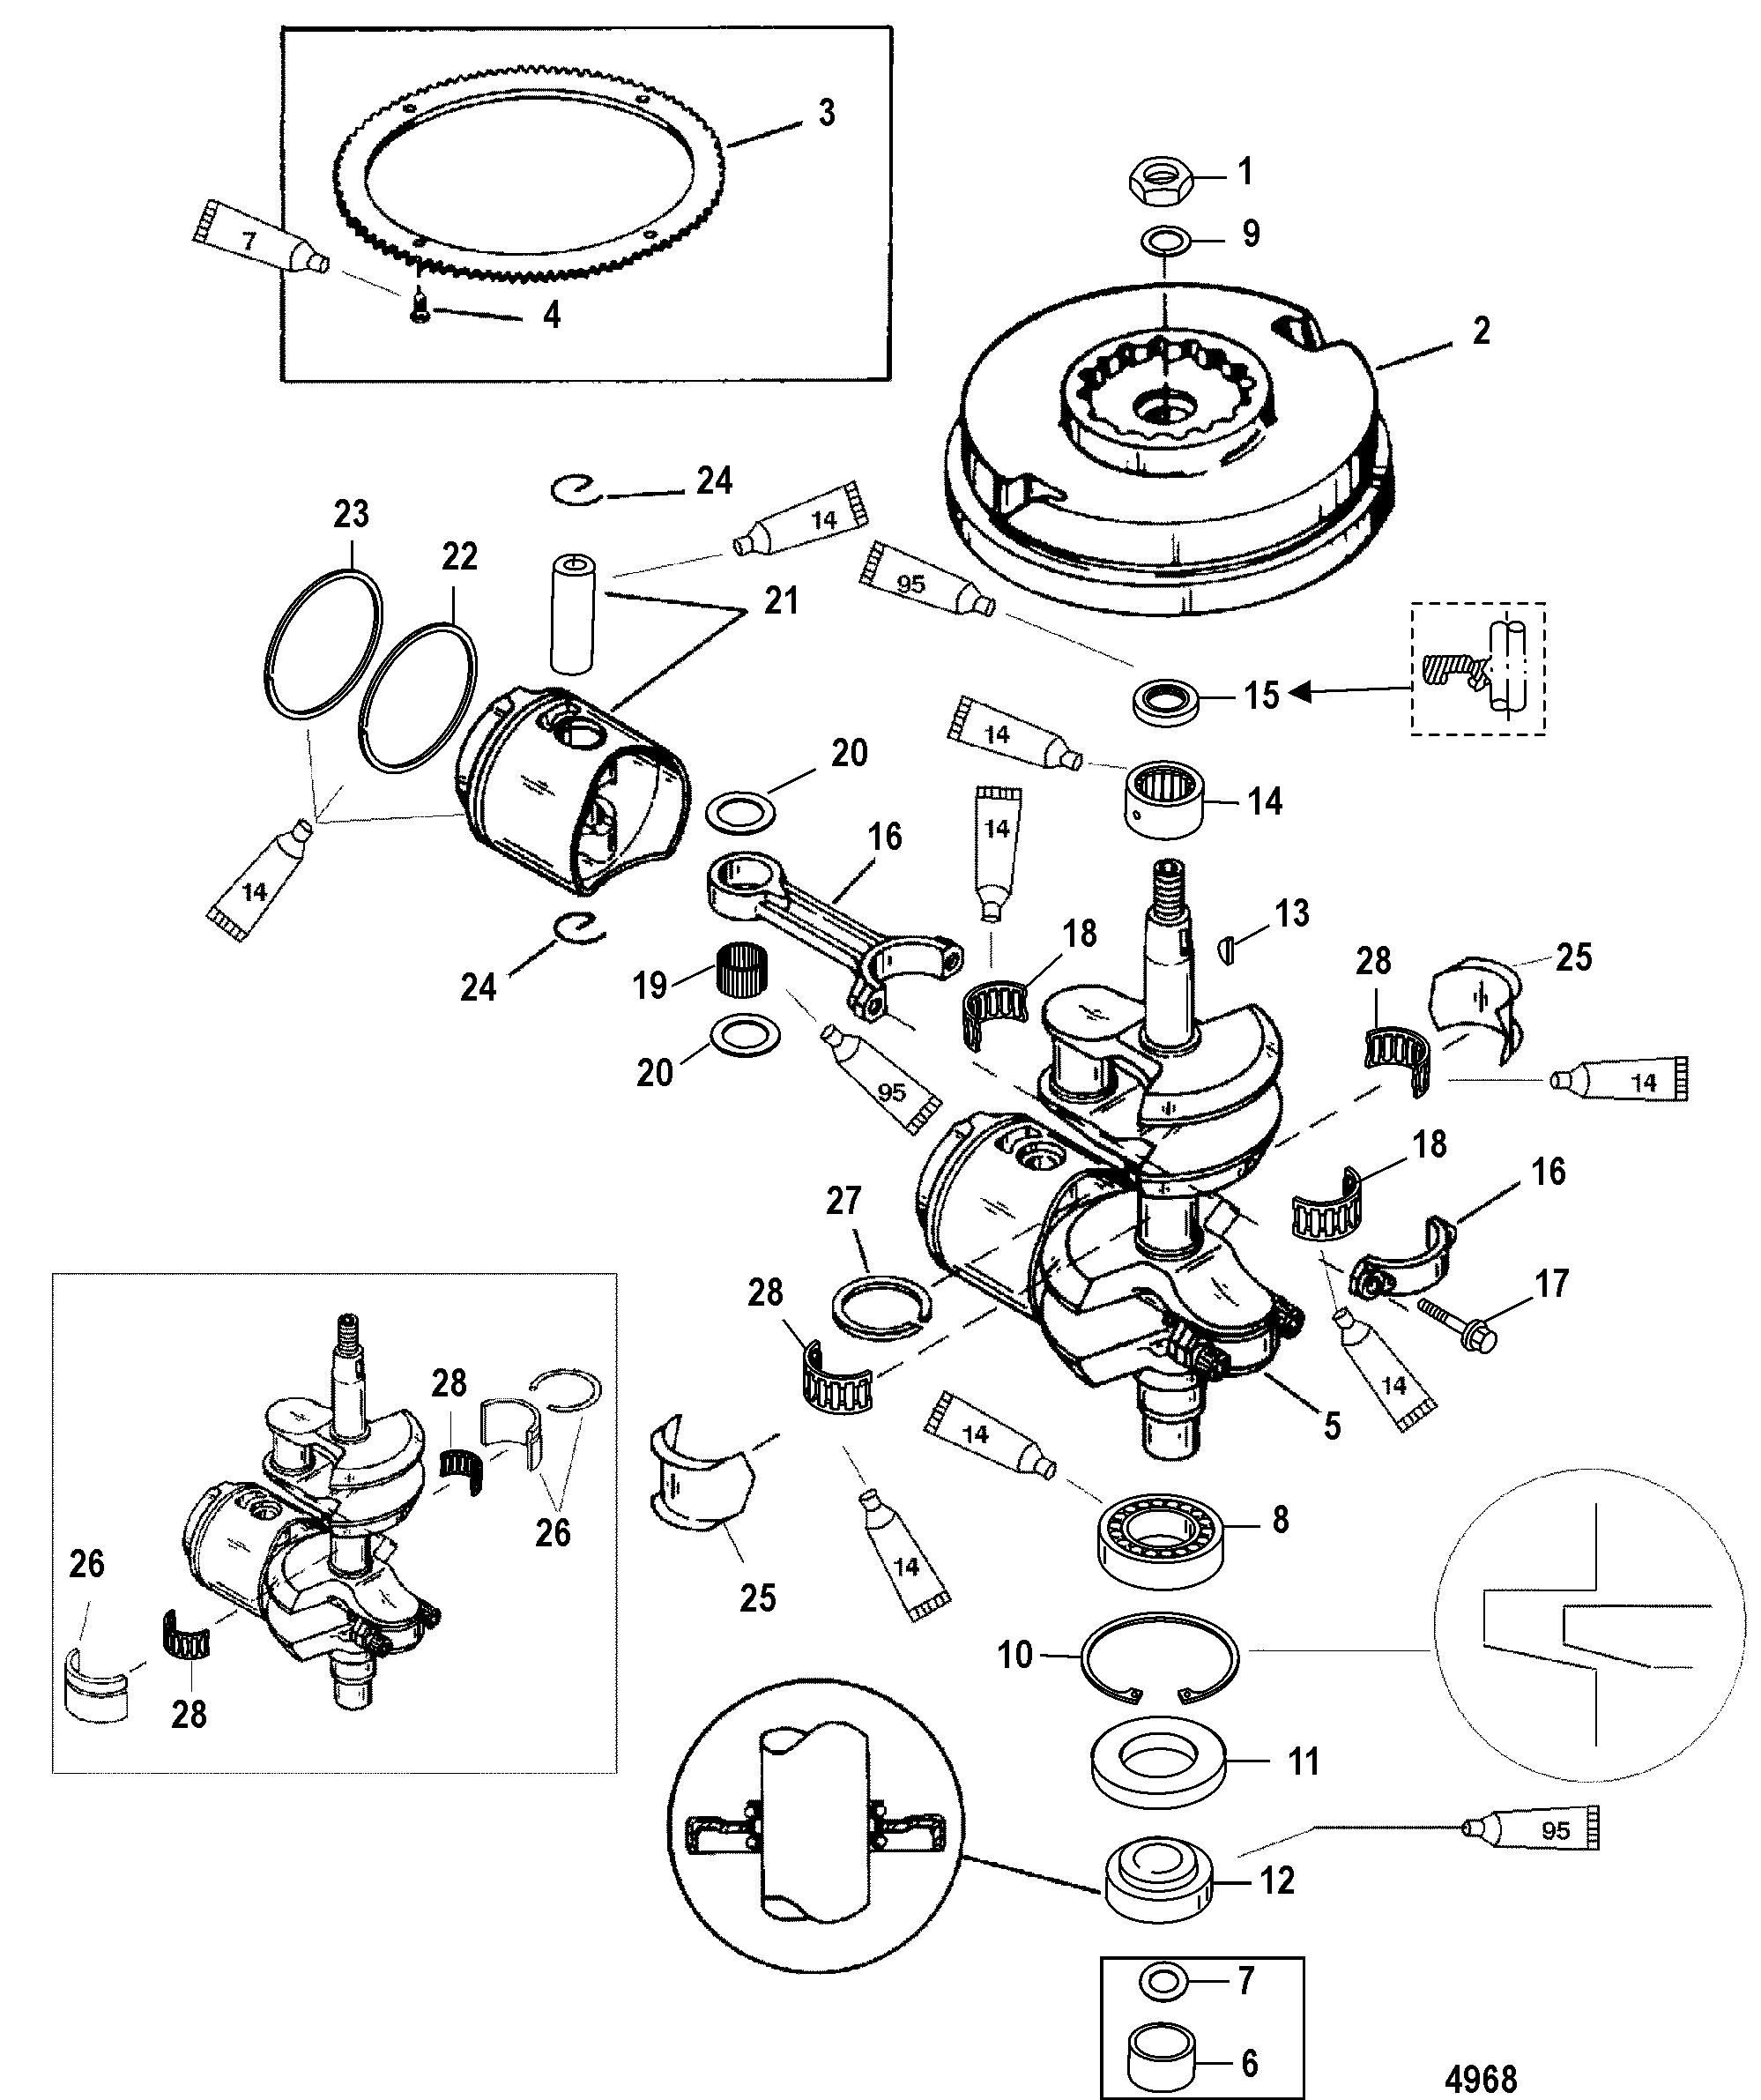 mercury 9 9 parts diagram  mercury  auto wiring diagram